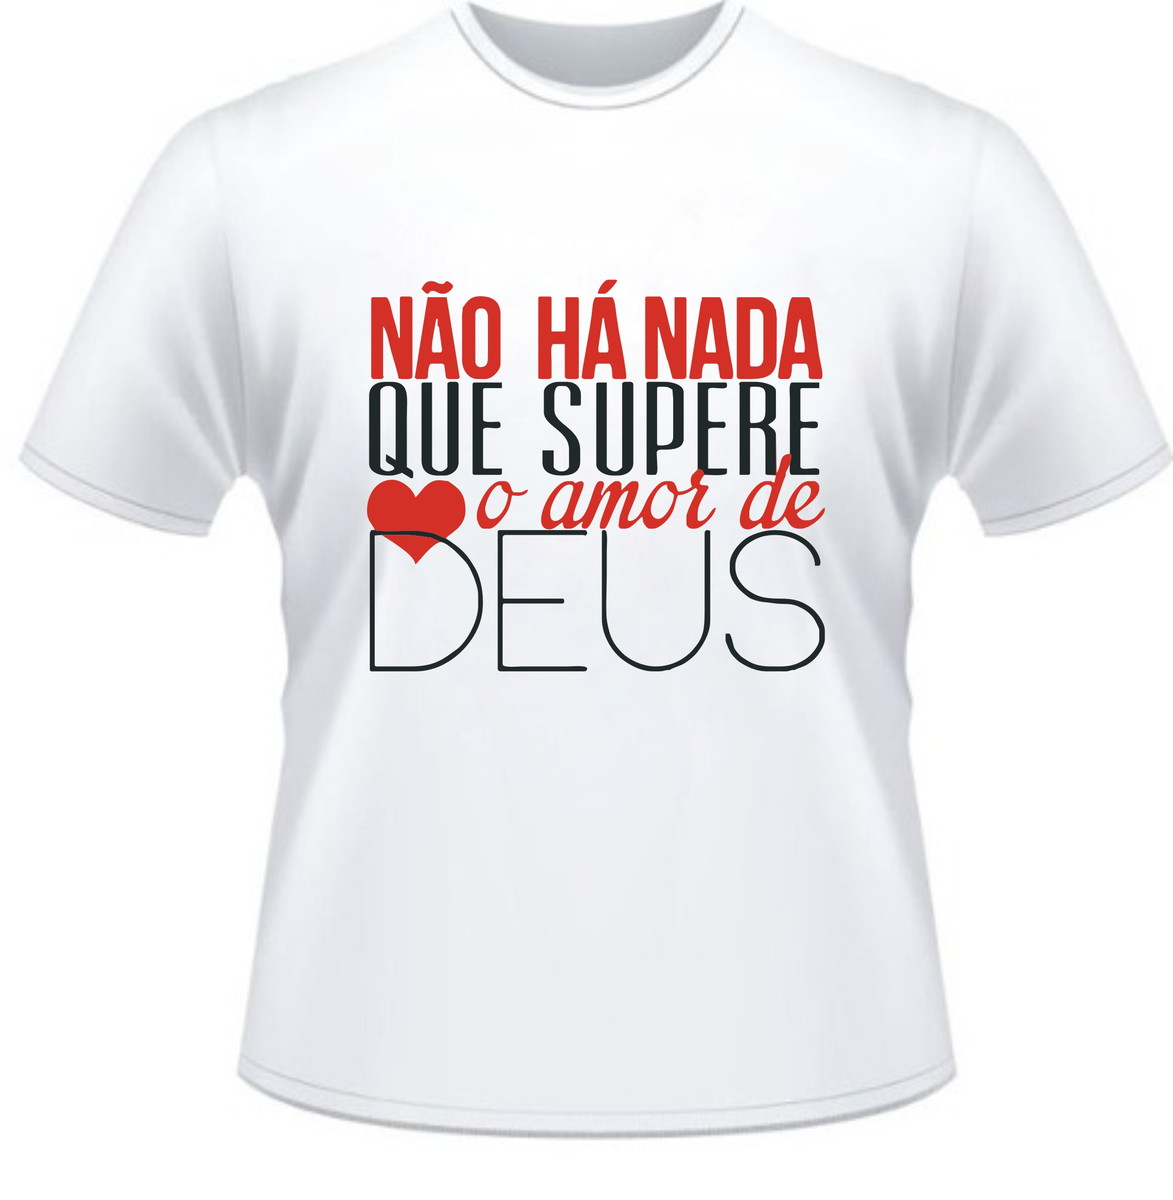 3a39d9eea4 Camiseta Deus Amor Maior no Elo7